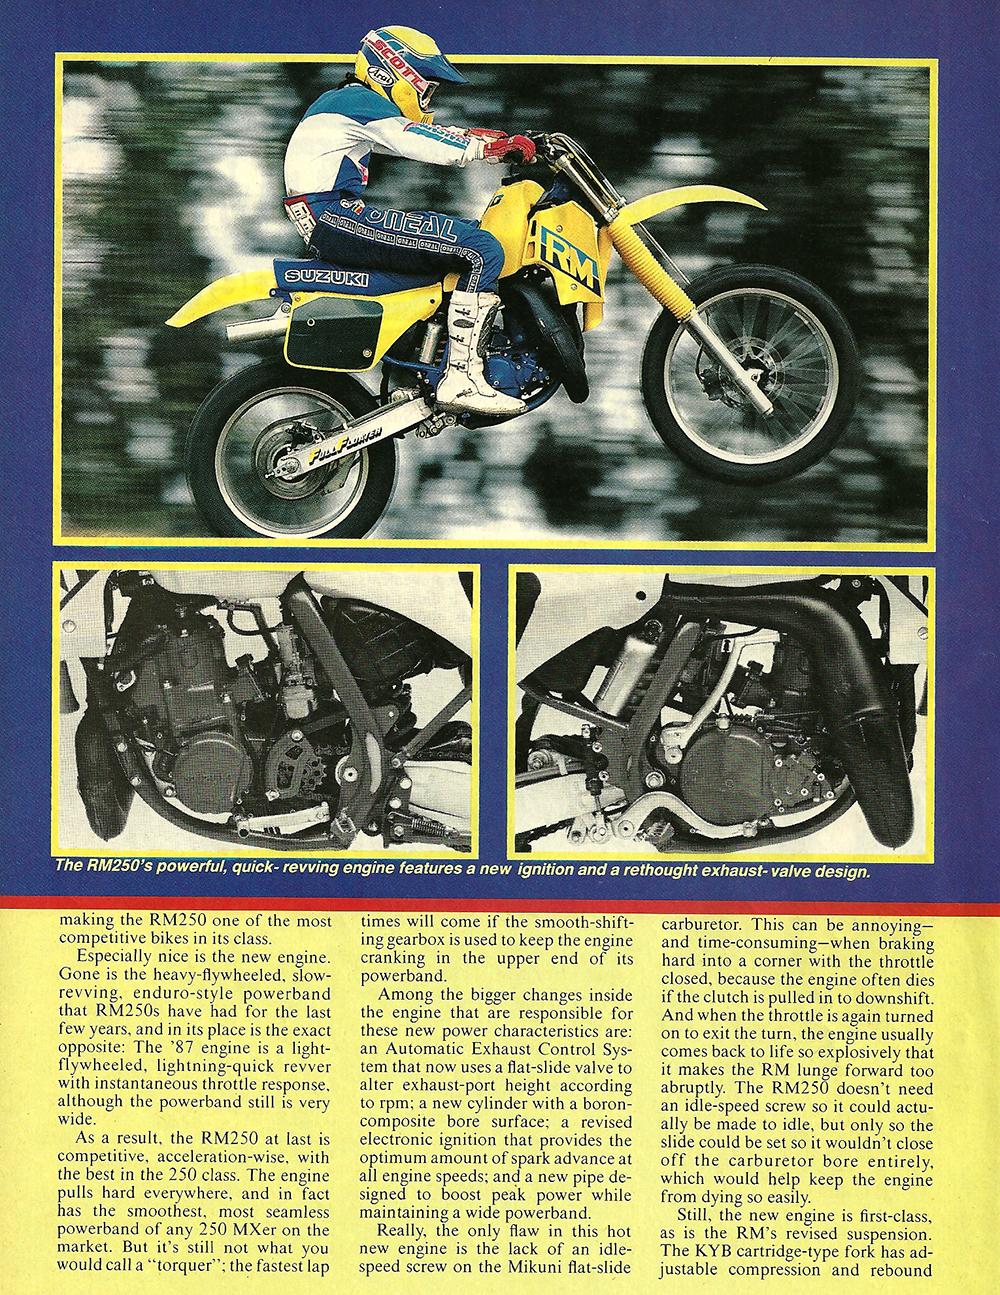 1987 Suzuki RM250 road test 03.jpg